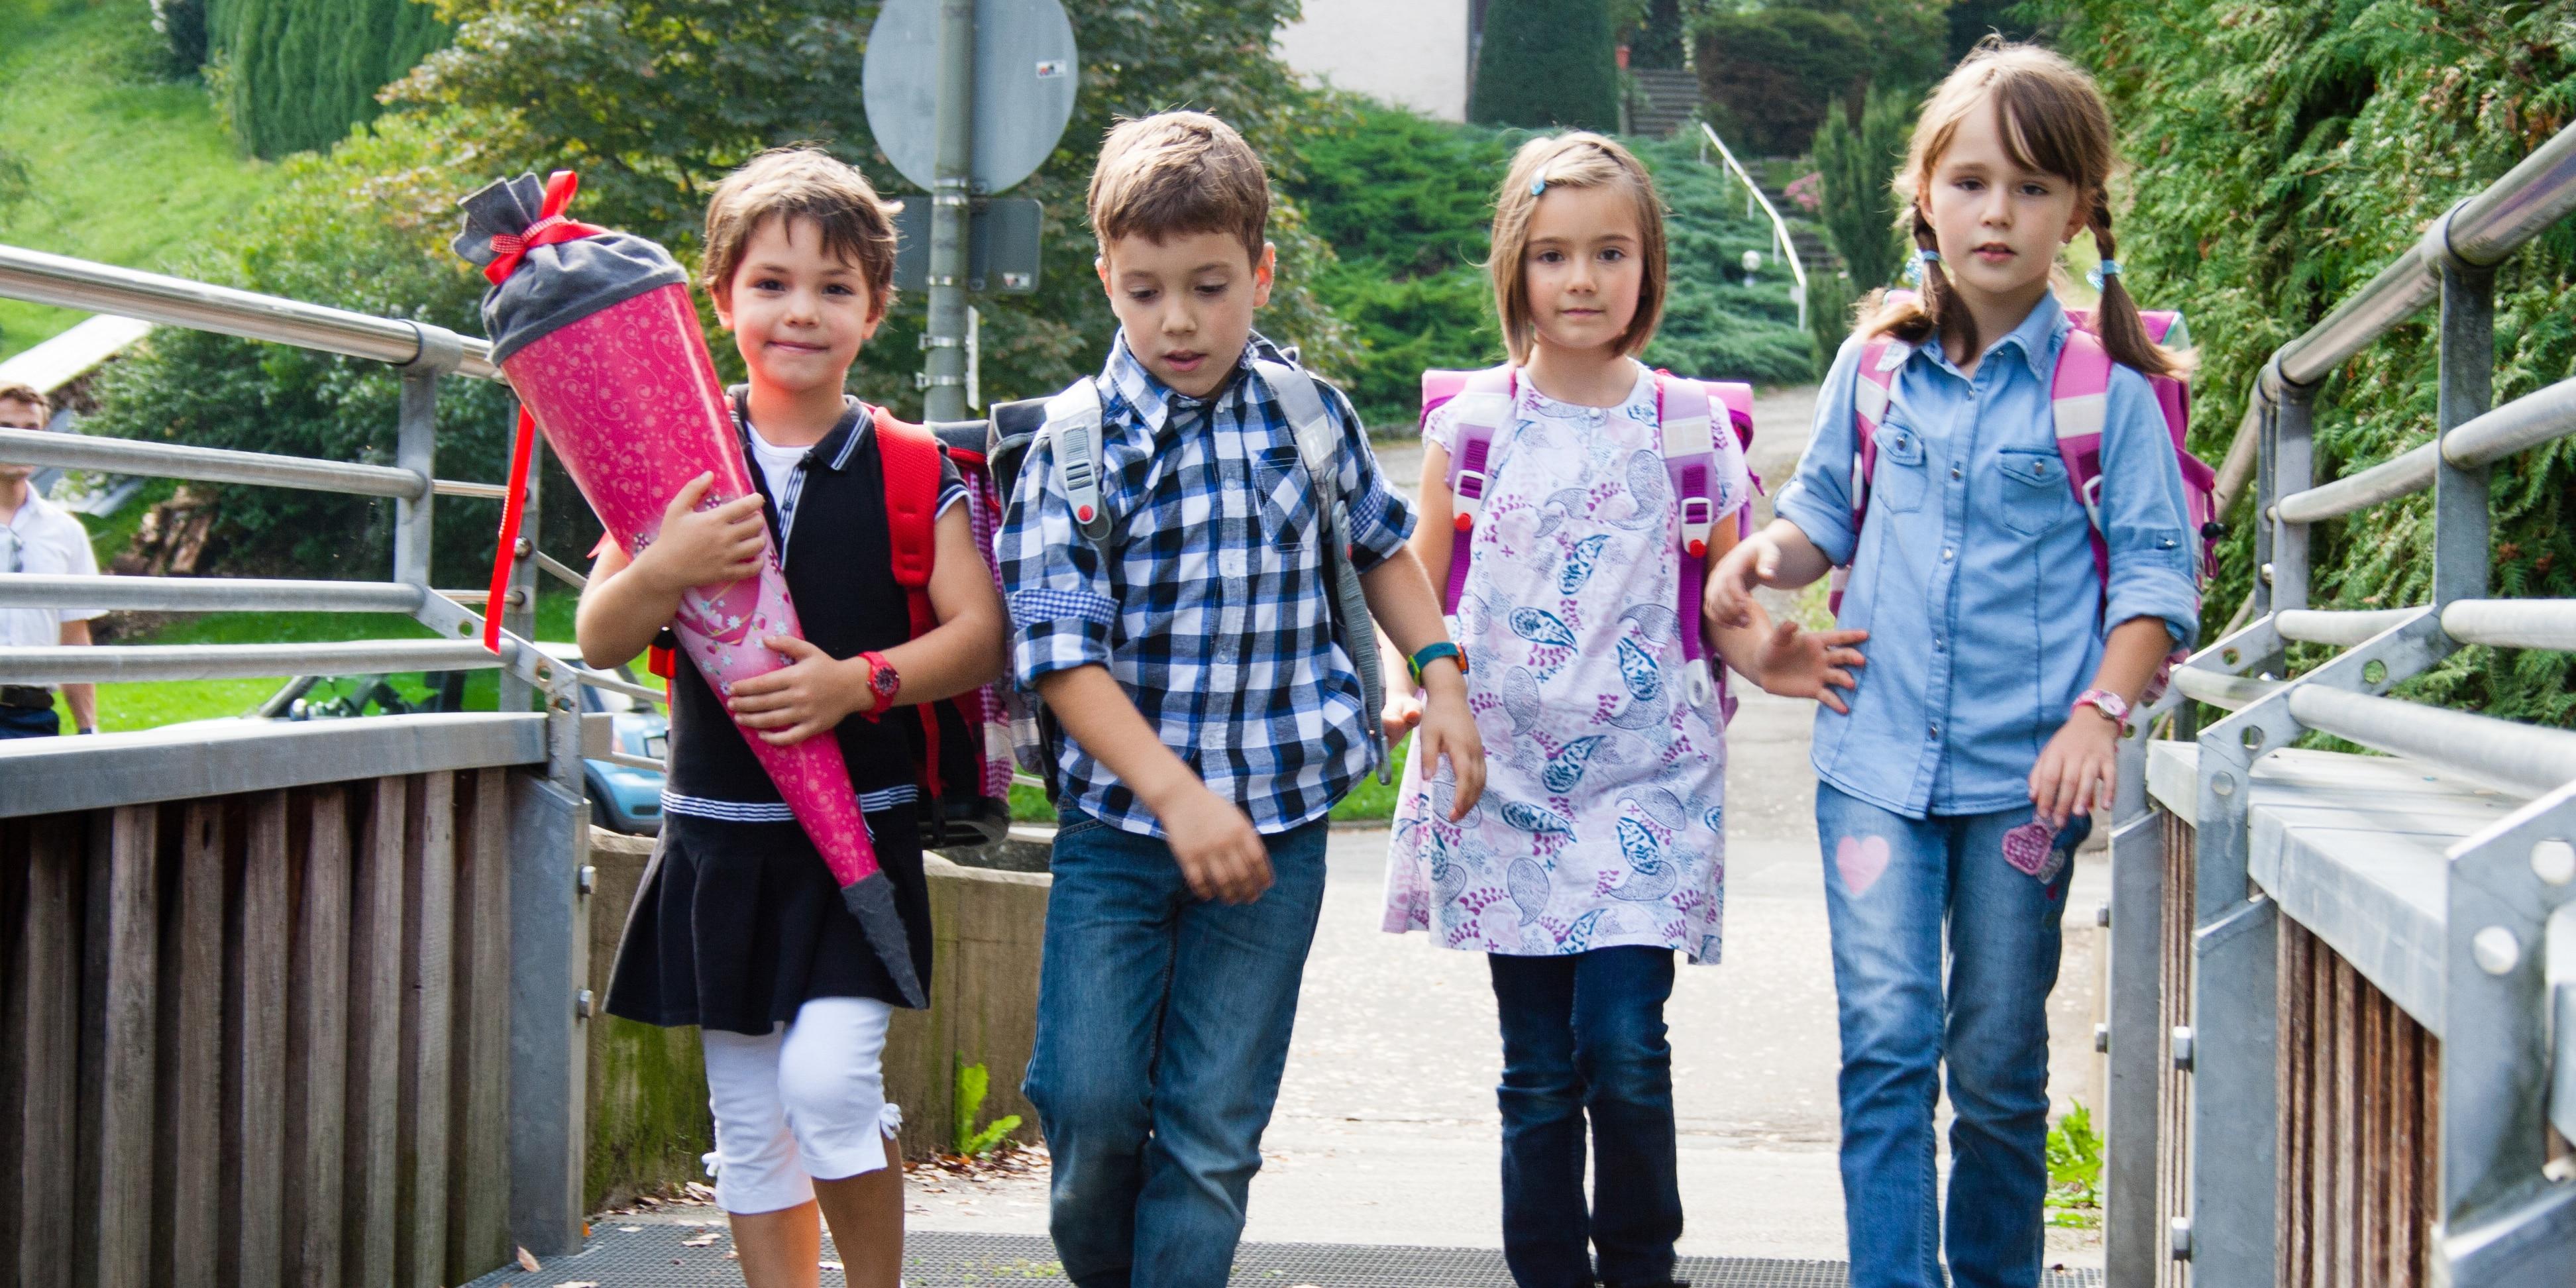 vier Schulkinder gehen in einer Reihe über eine Brücke